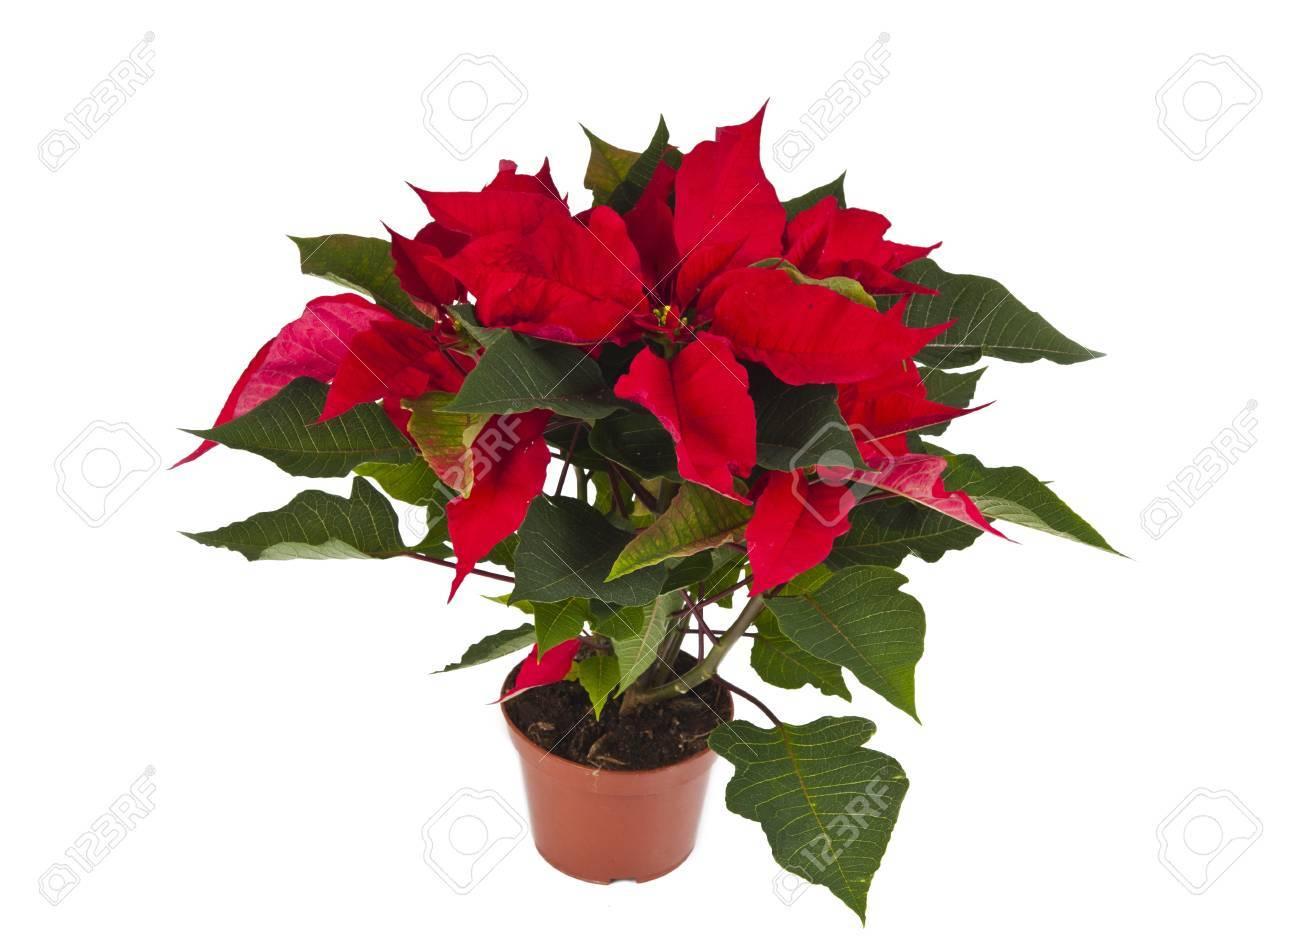 Immagini Di Fiori Di Natale.Stella Di Natale E Un Fiore Di Natale Tradizionale E Noto Come Bethlehem Star In Alcuni Paesi